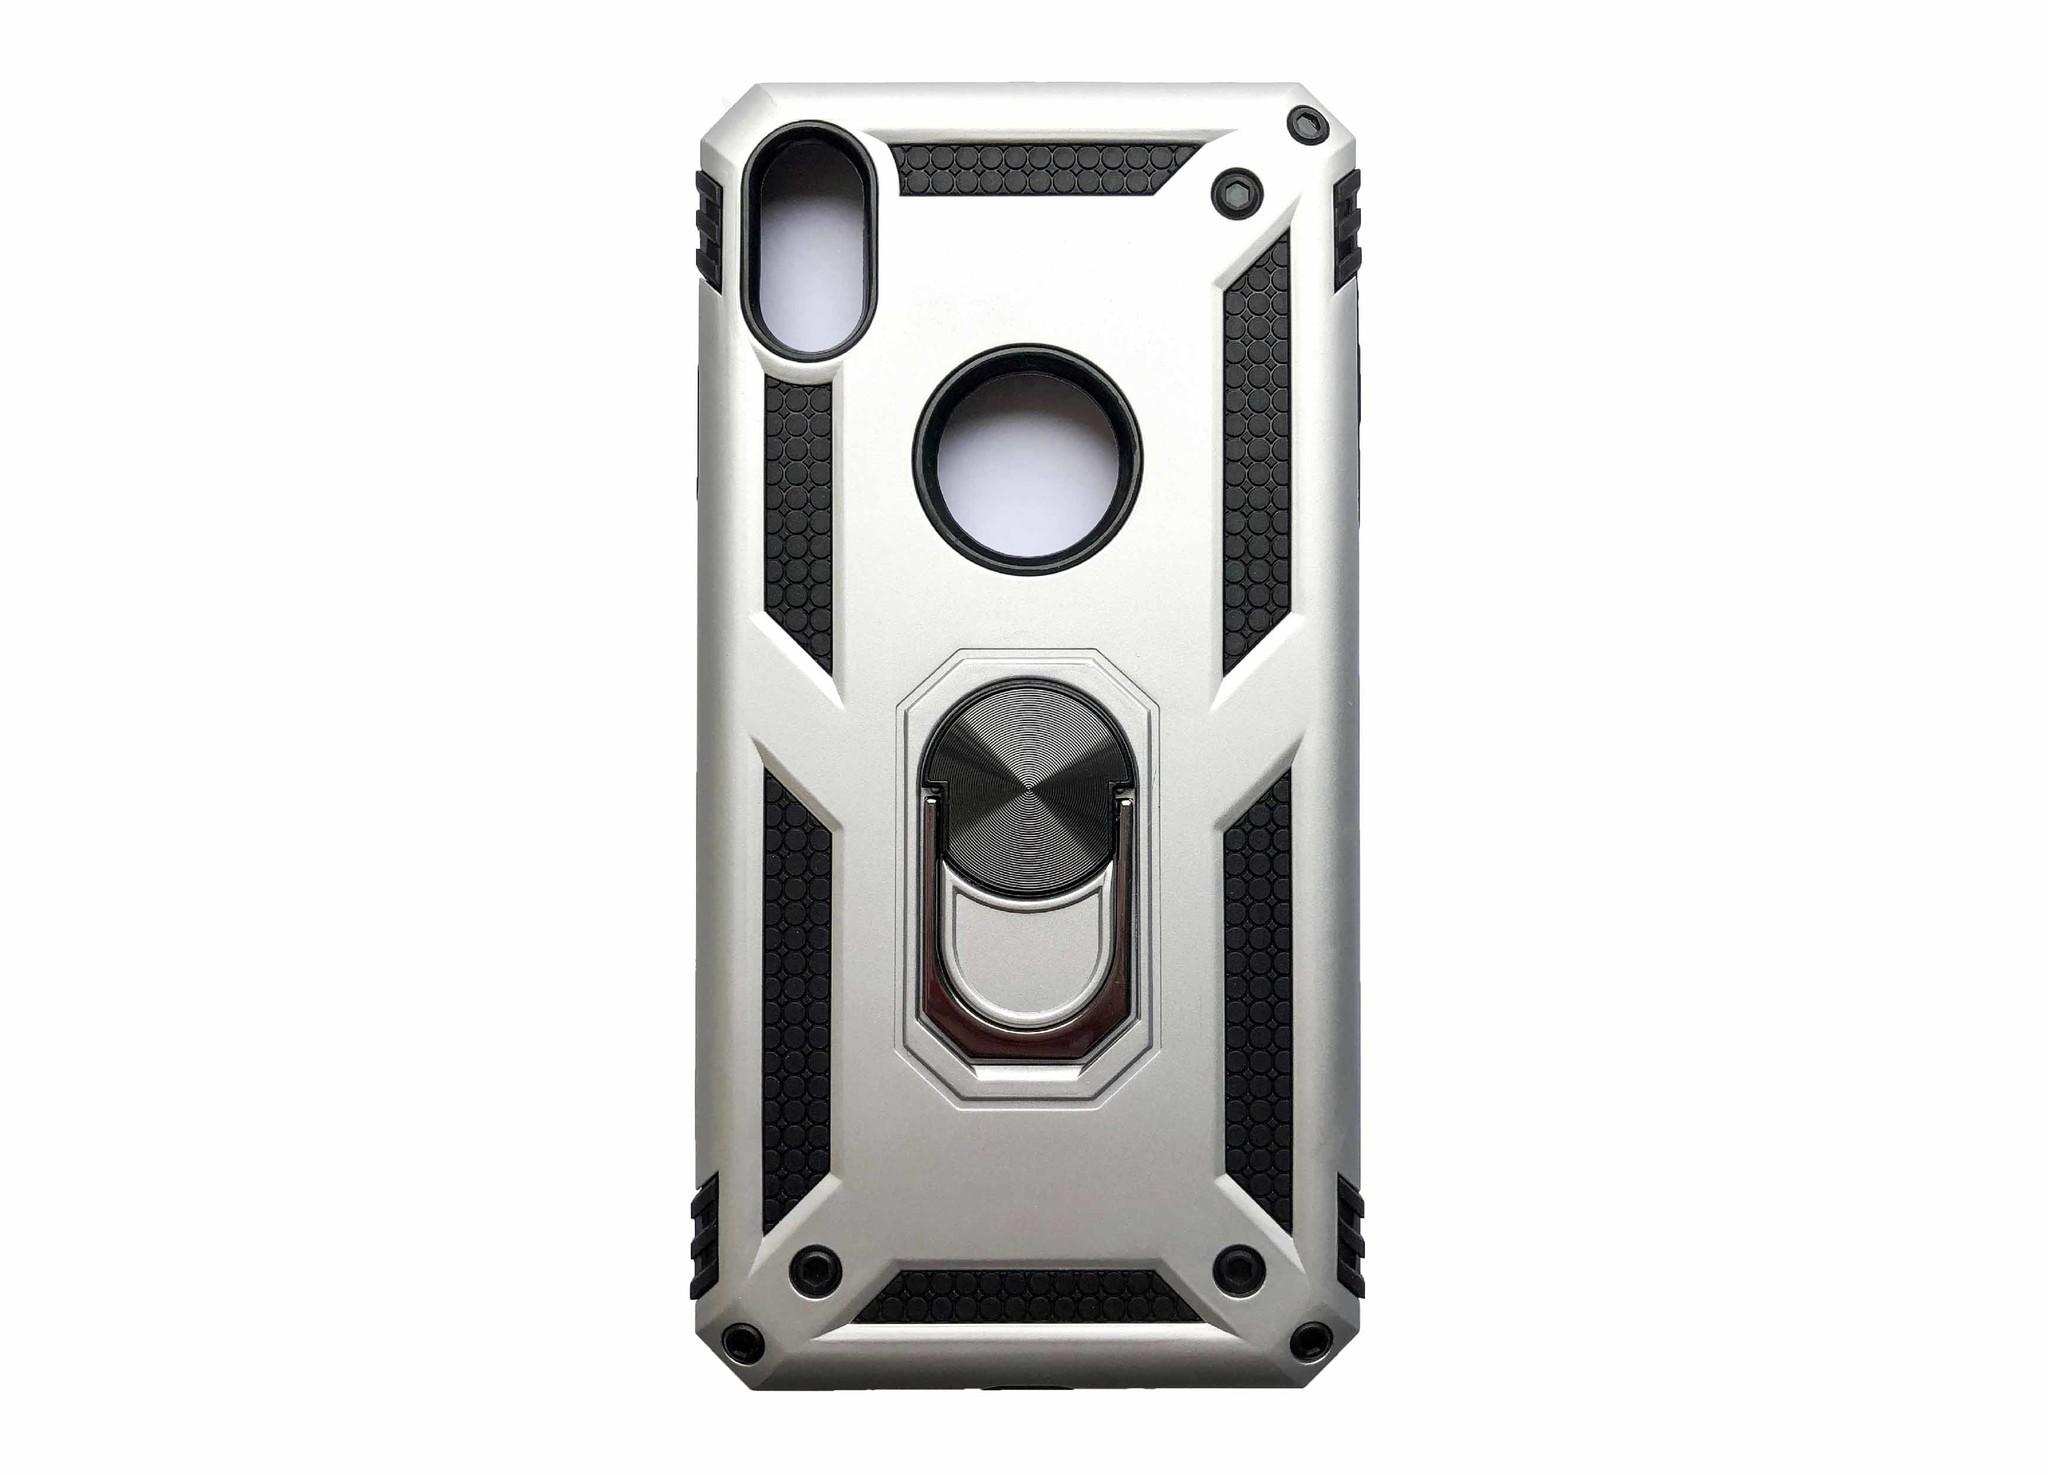 Smartphonehoesje iPhone 7 plus / 8 plus | Bouw / shockproof (met handige magneet) | Zilver